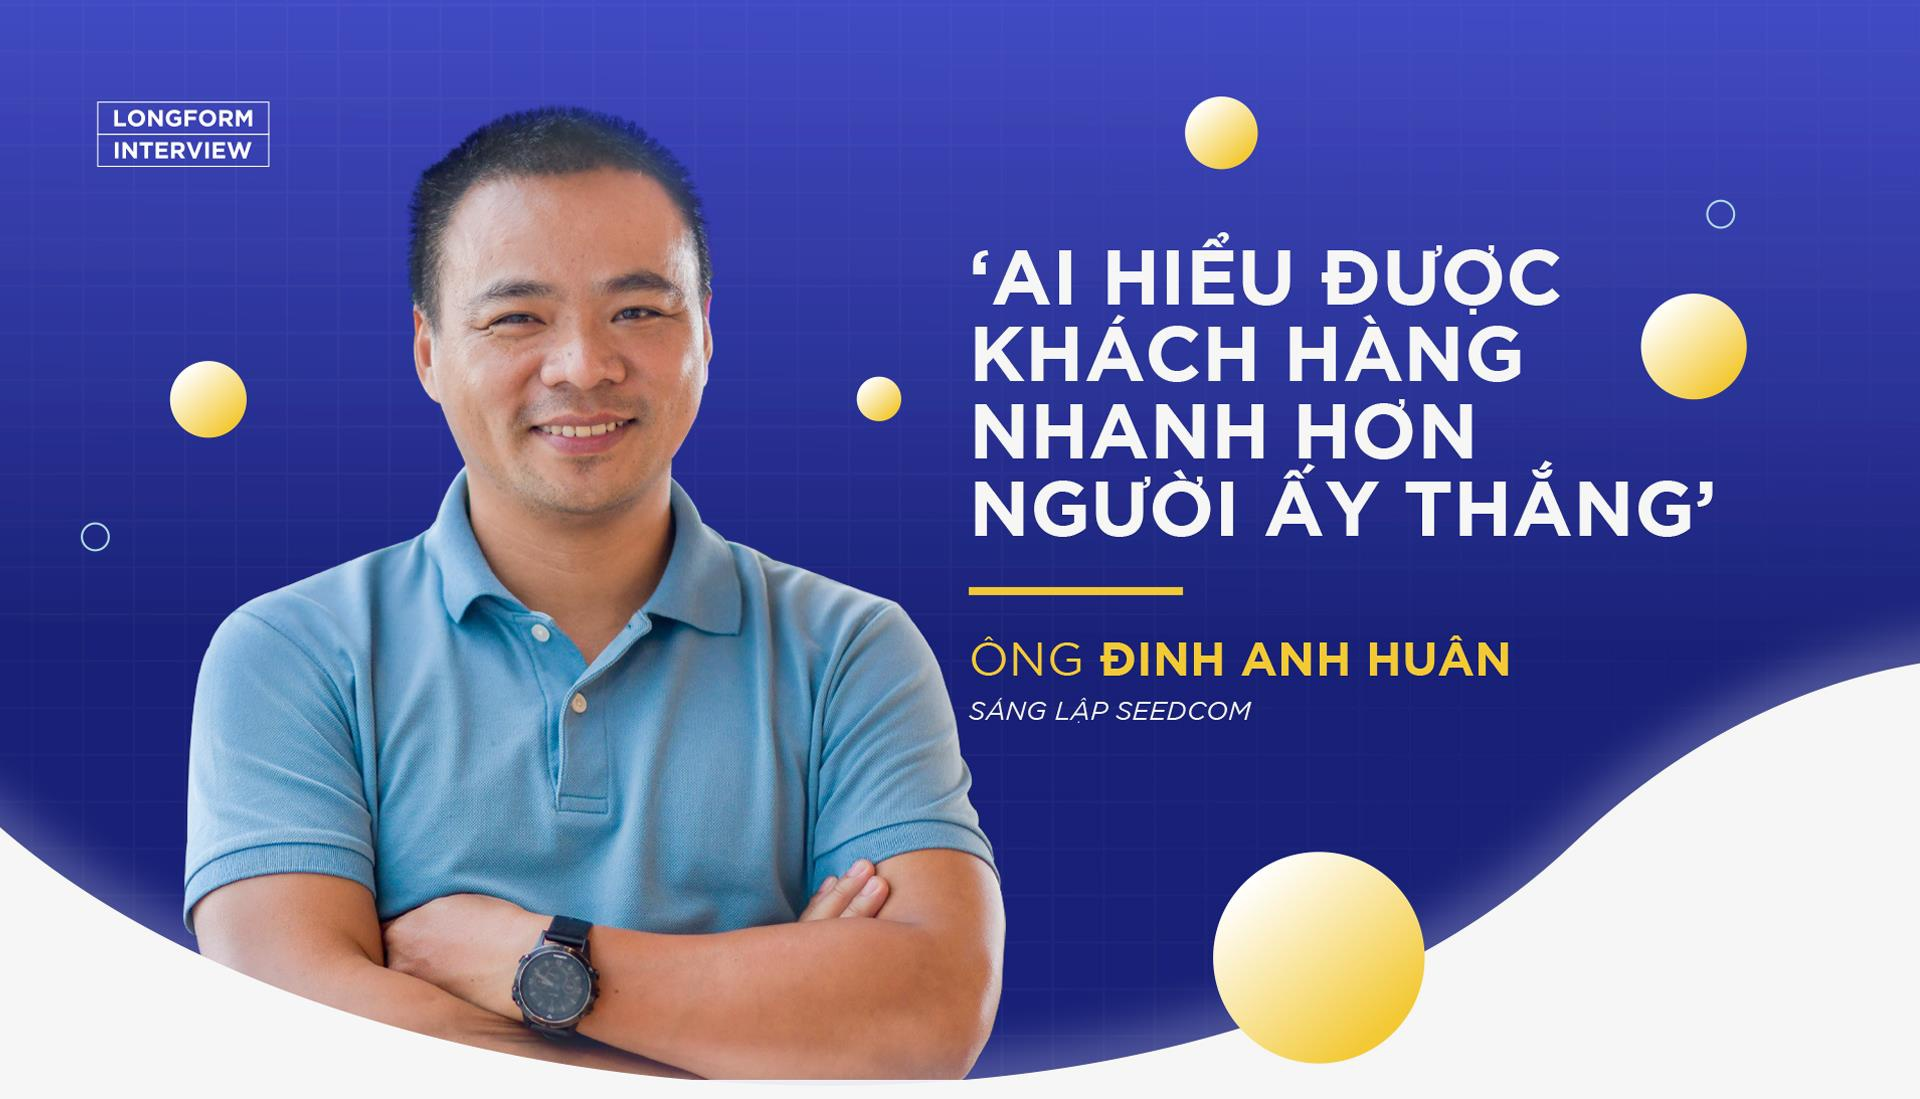 Nha sang lap Seedcom: 'Ai hieu khach hang nhanh hon, nguoi ay thang' hinh anh 2